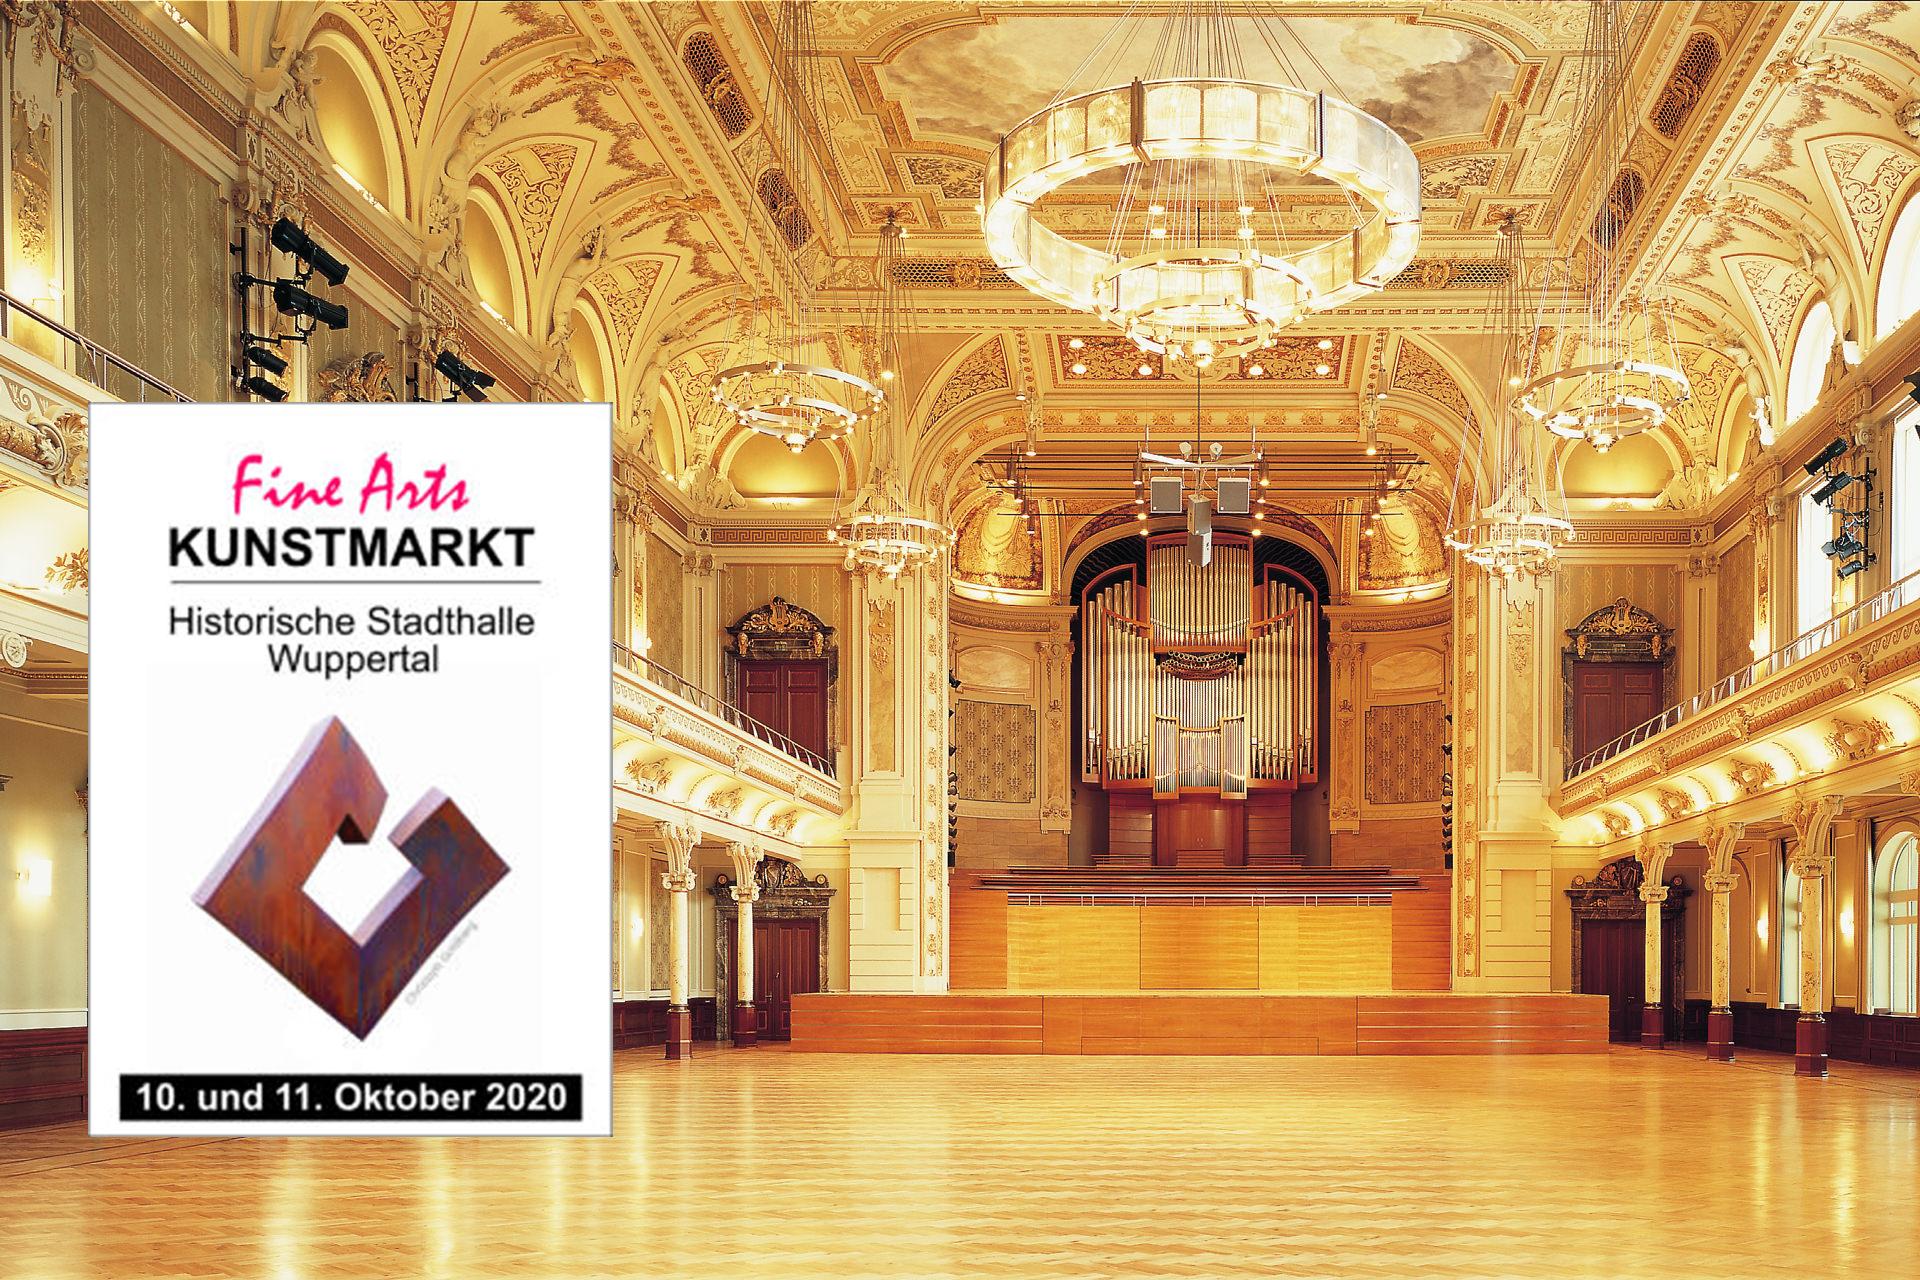 FINE ARTS in der historischen Stadthalle Wuppertal